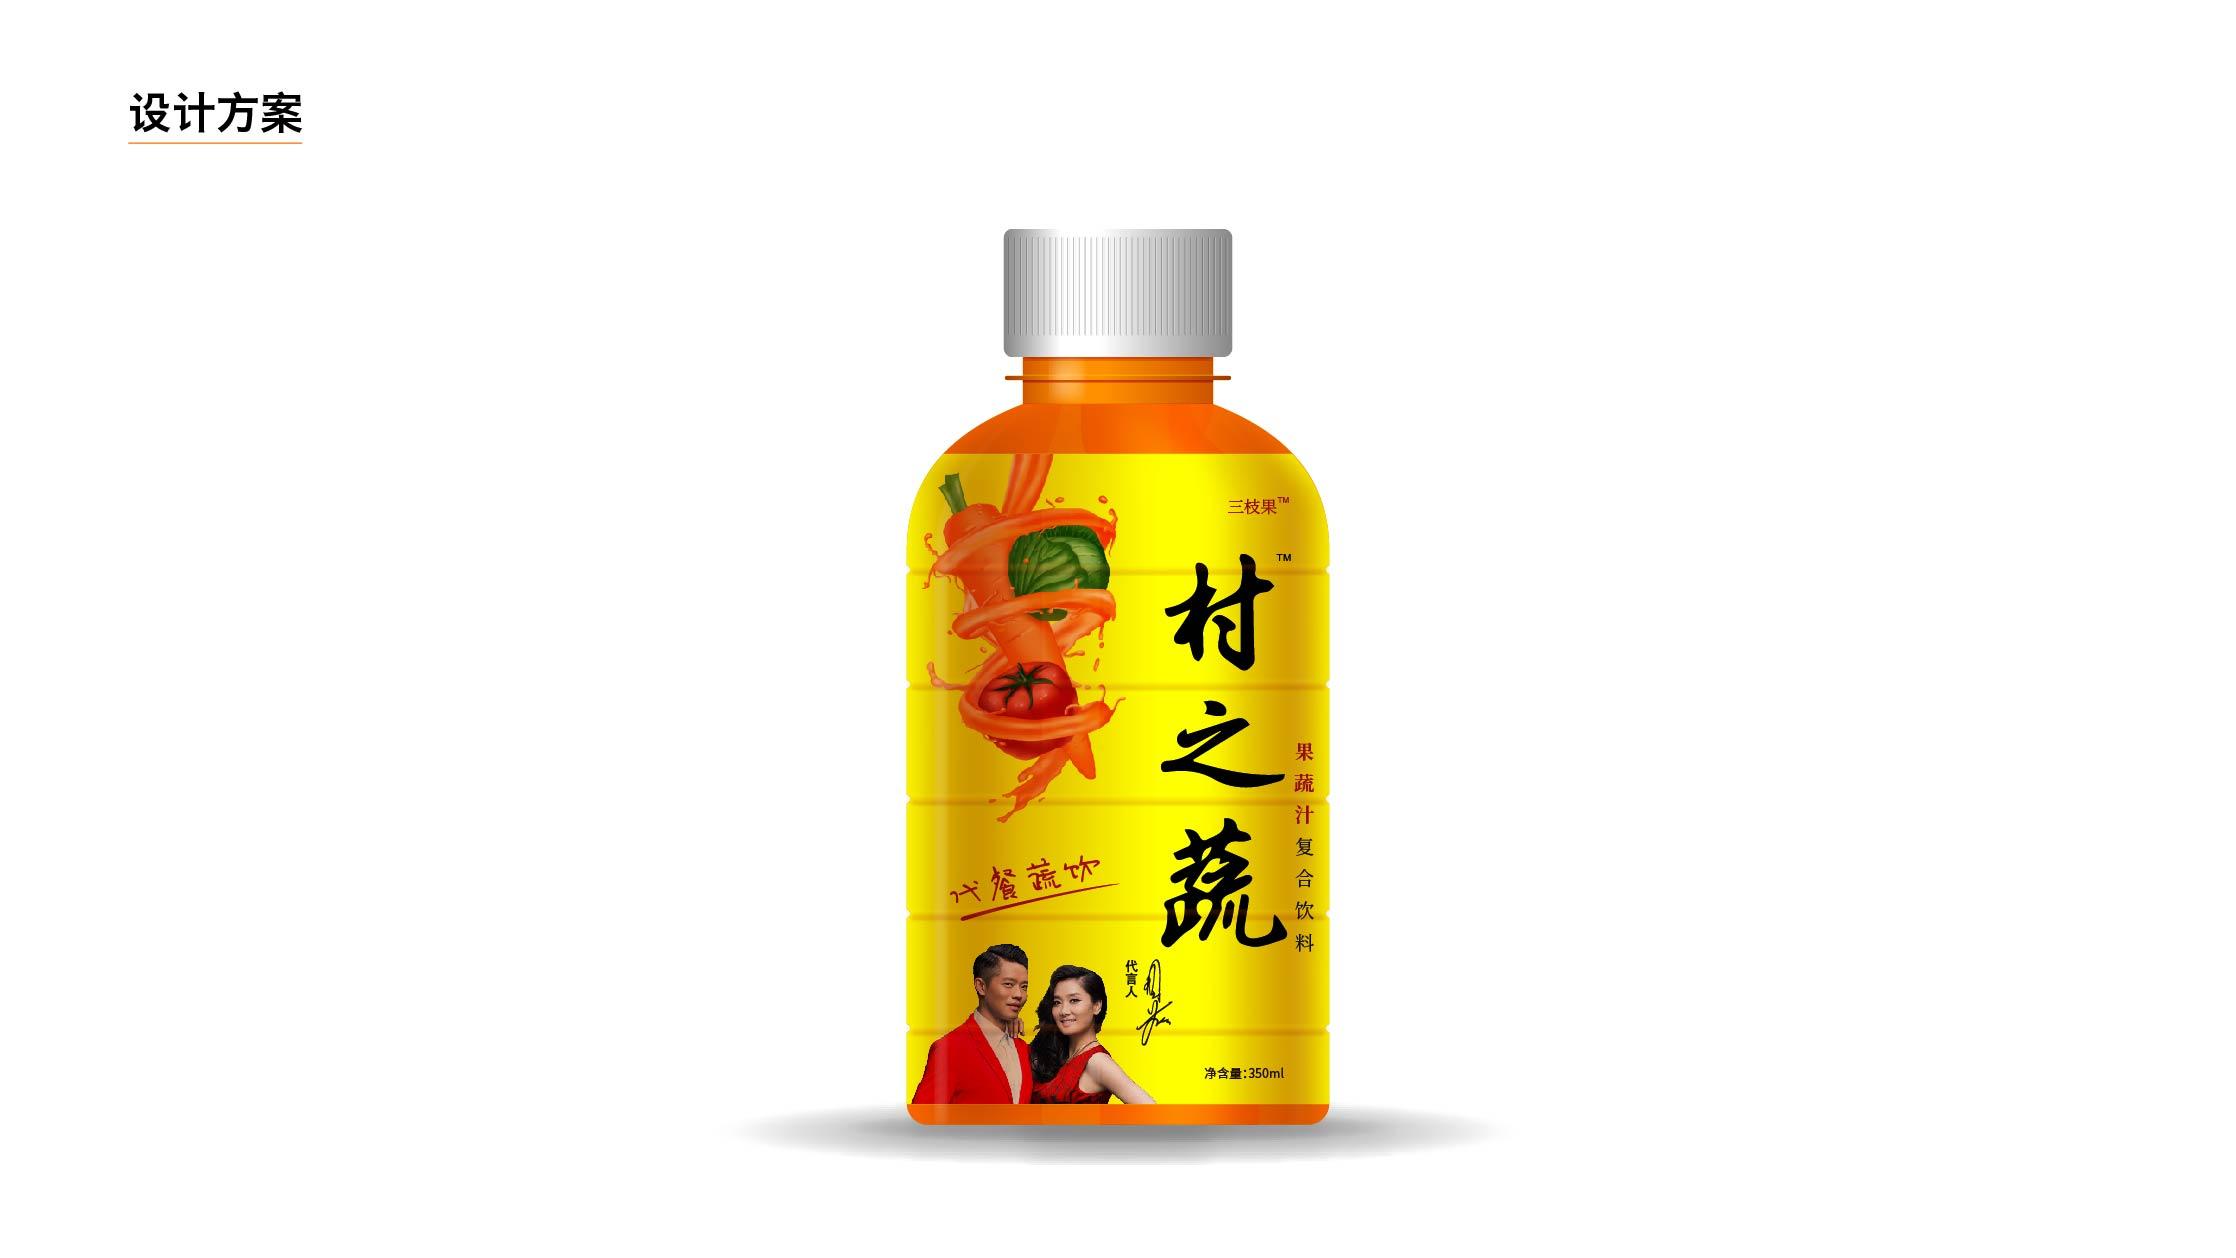 村之蔬复合果汁品牌包装设计